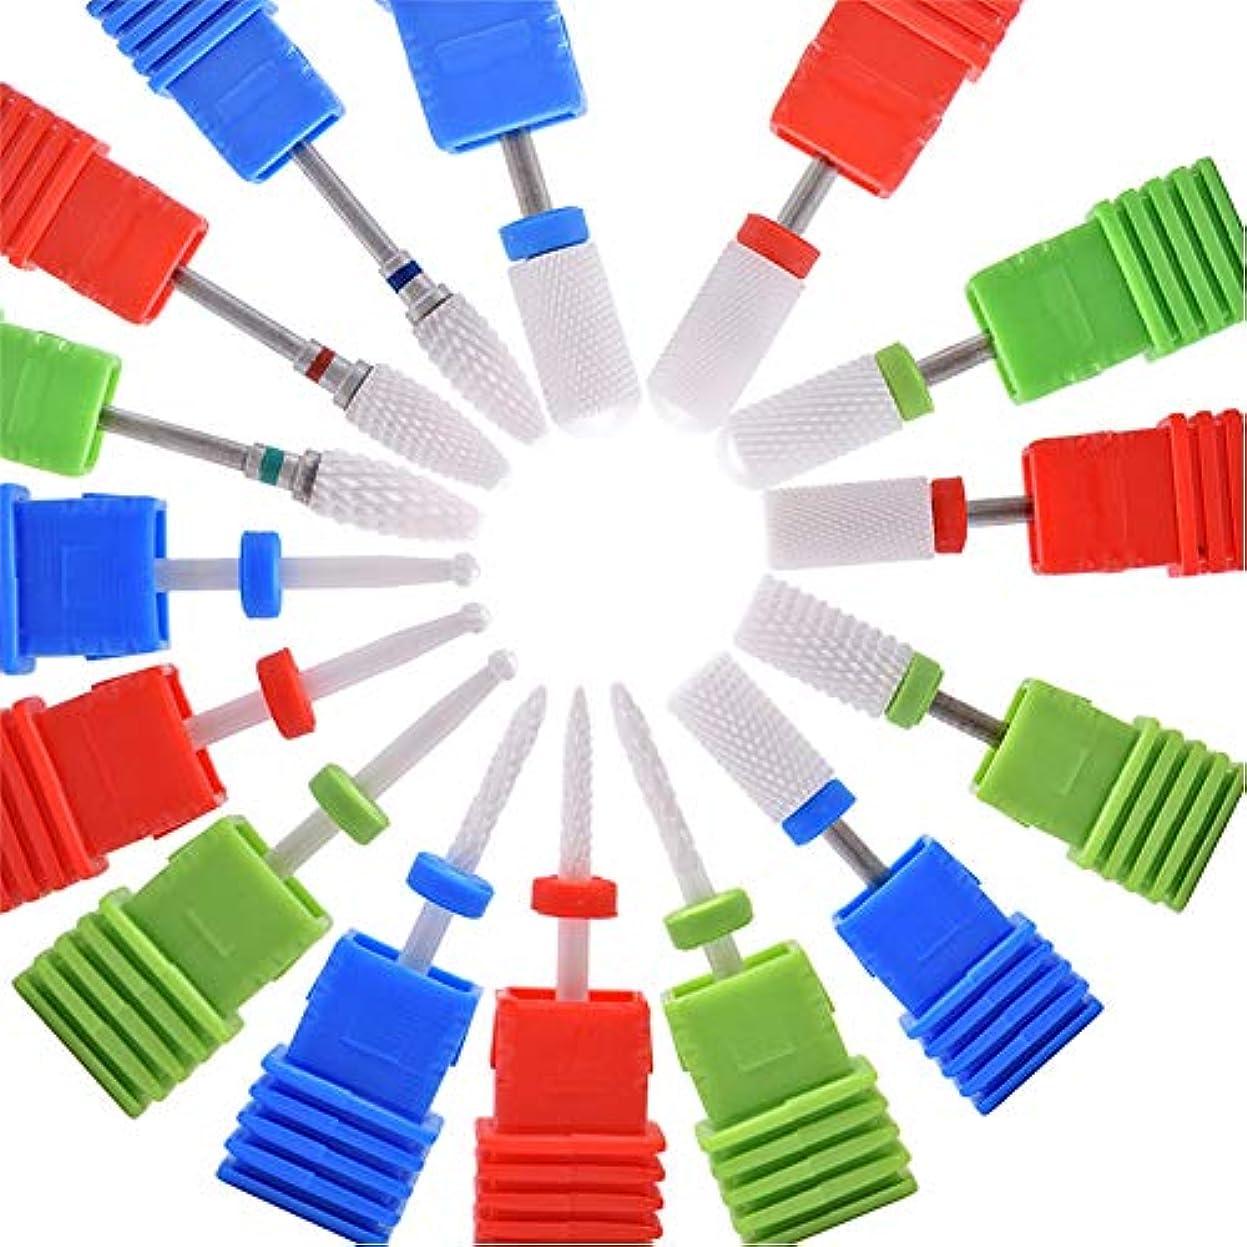 許容できる敏感なスイス人Oral Dentistry ネイルアート ドリルビット 研削ヘッド 研磨ヘッド ネイル グラインド ヘッド 爪 磨き 研磨 研削 セラミック 全3色 15種類